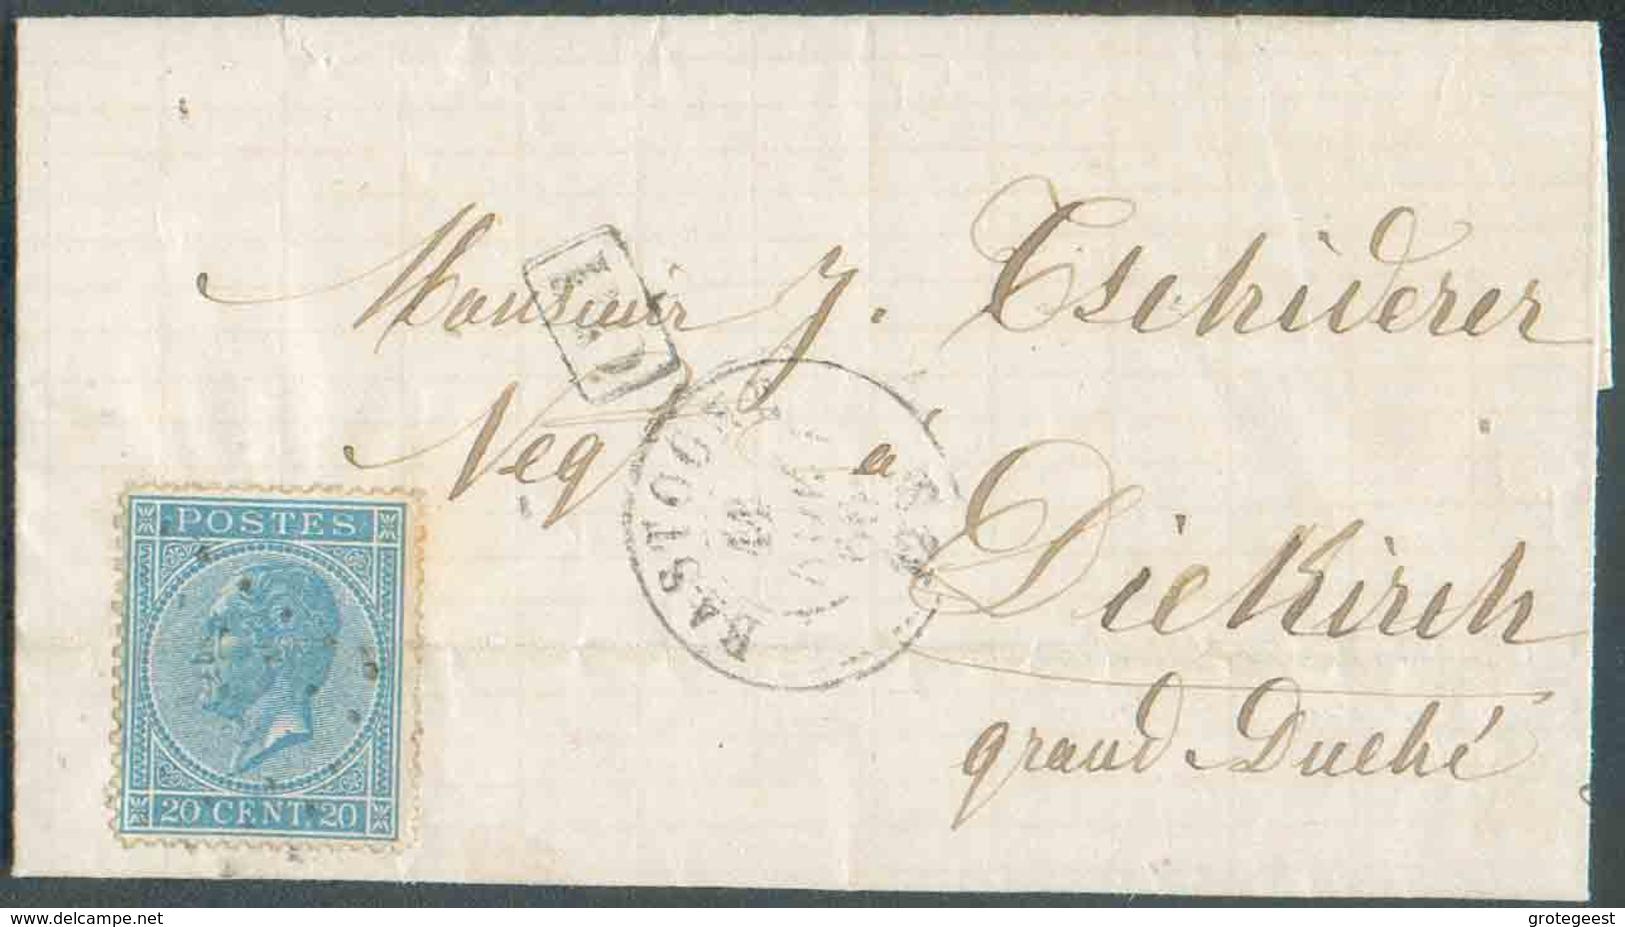 N°18 - LEOPOLD Ier 20 Centimes Bleu, Obl. LP.31 Sur Lettre Datée De ROLLE Via BASTOGNE Le 11 Novembre 1866 En Tarif Fron - 1865-1866 Profile Left